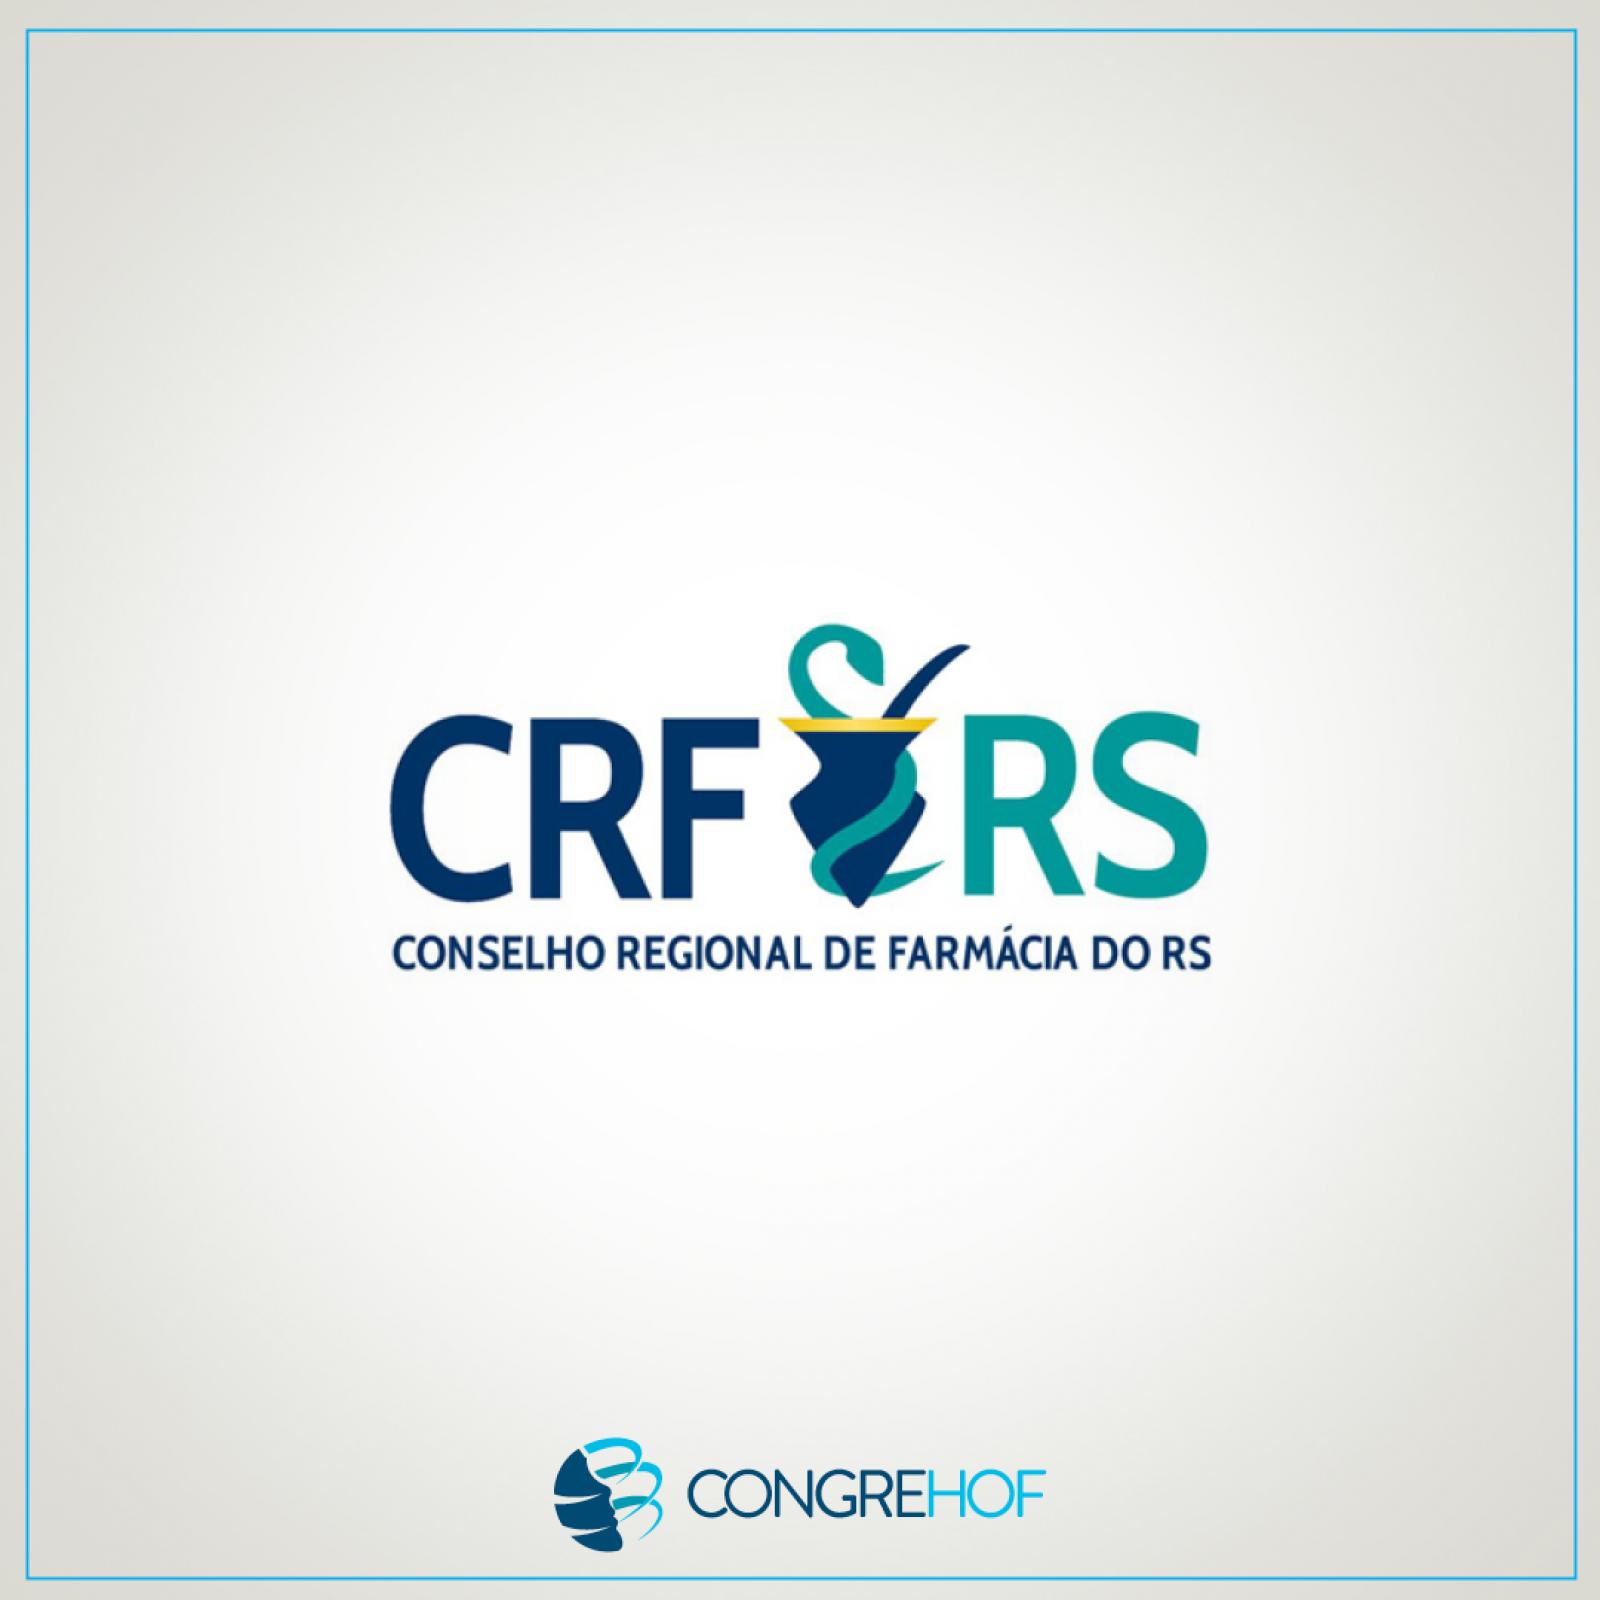 2. CRF/RS - Conselho Regional de Farmácia